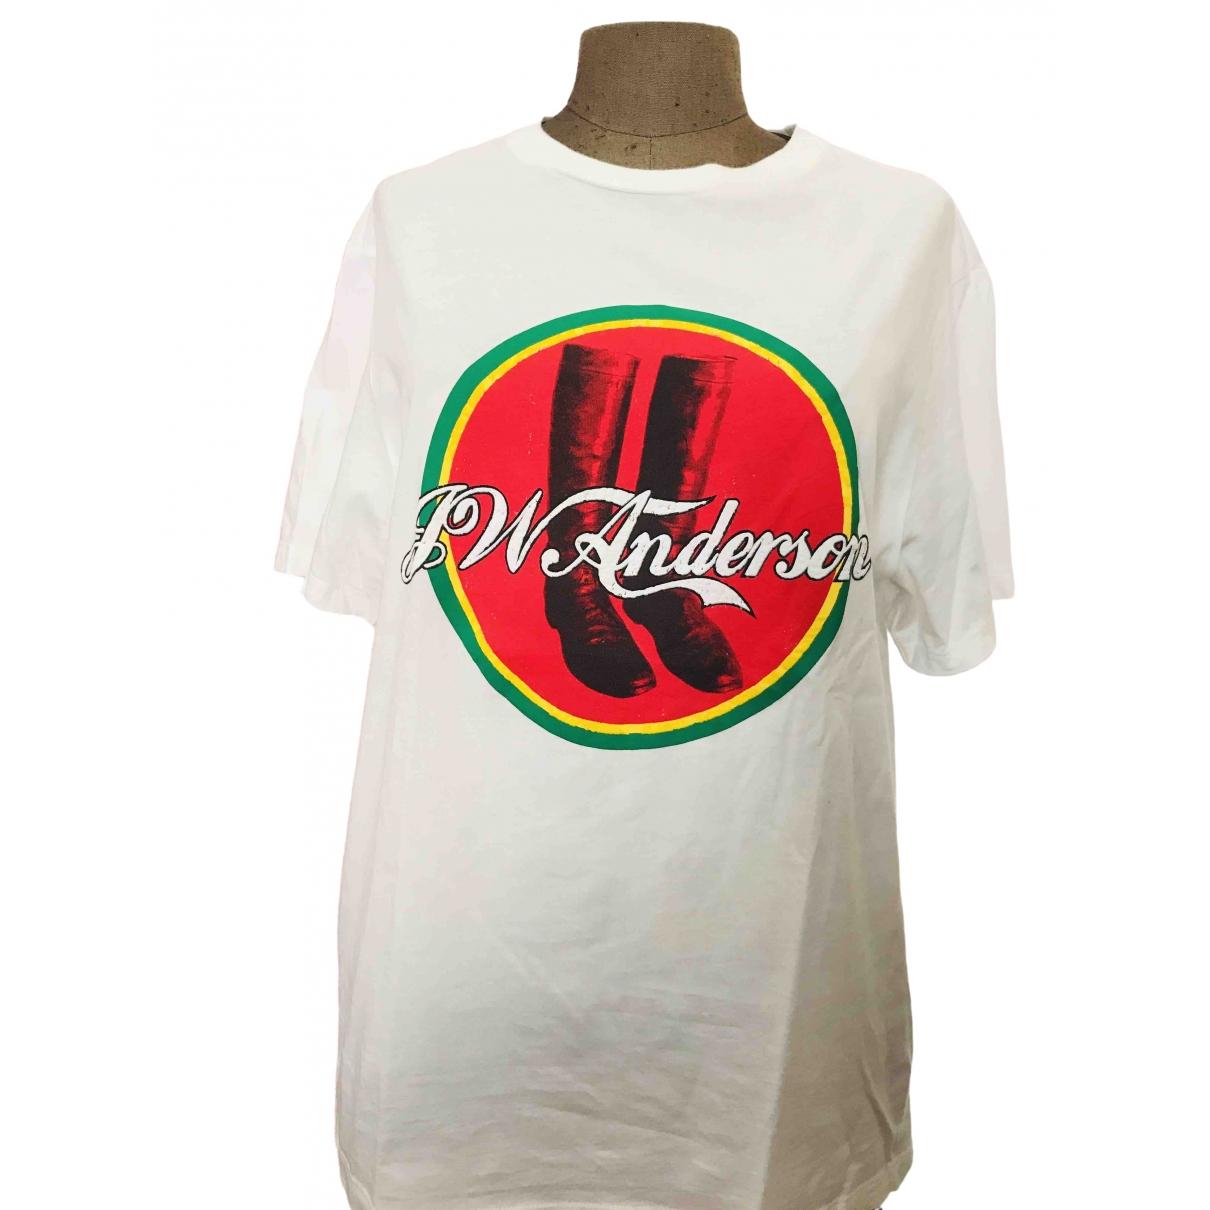 J.w. Anderson - Tee shirts   pour homme en coton - blanc